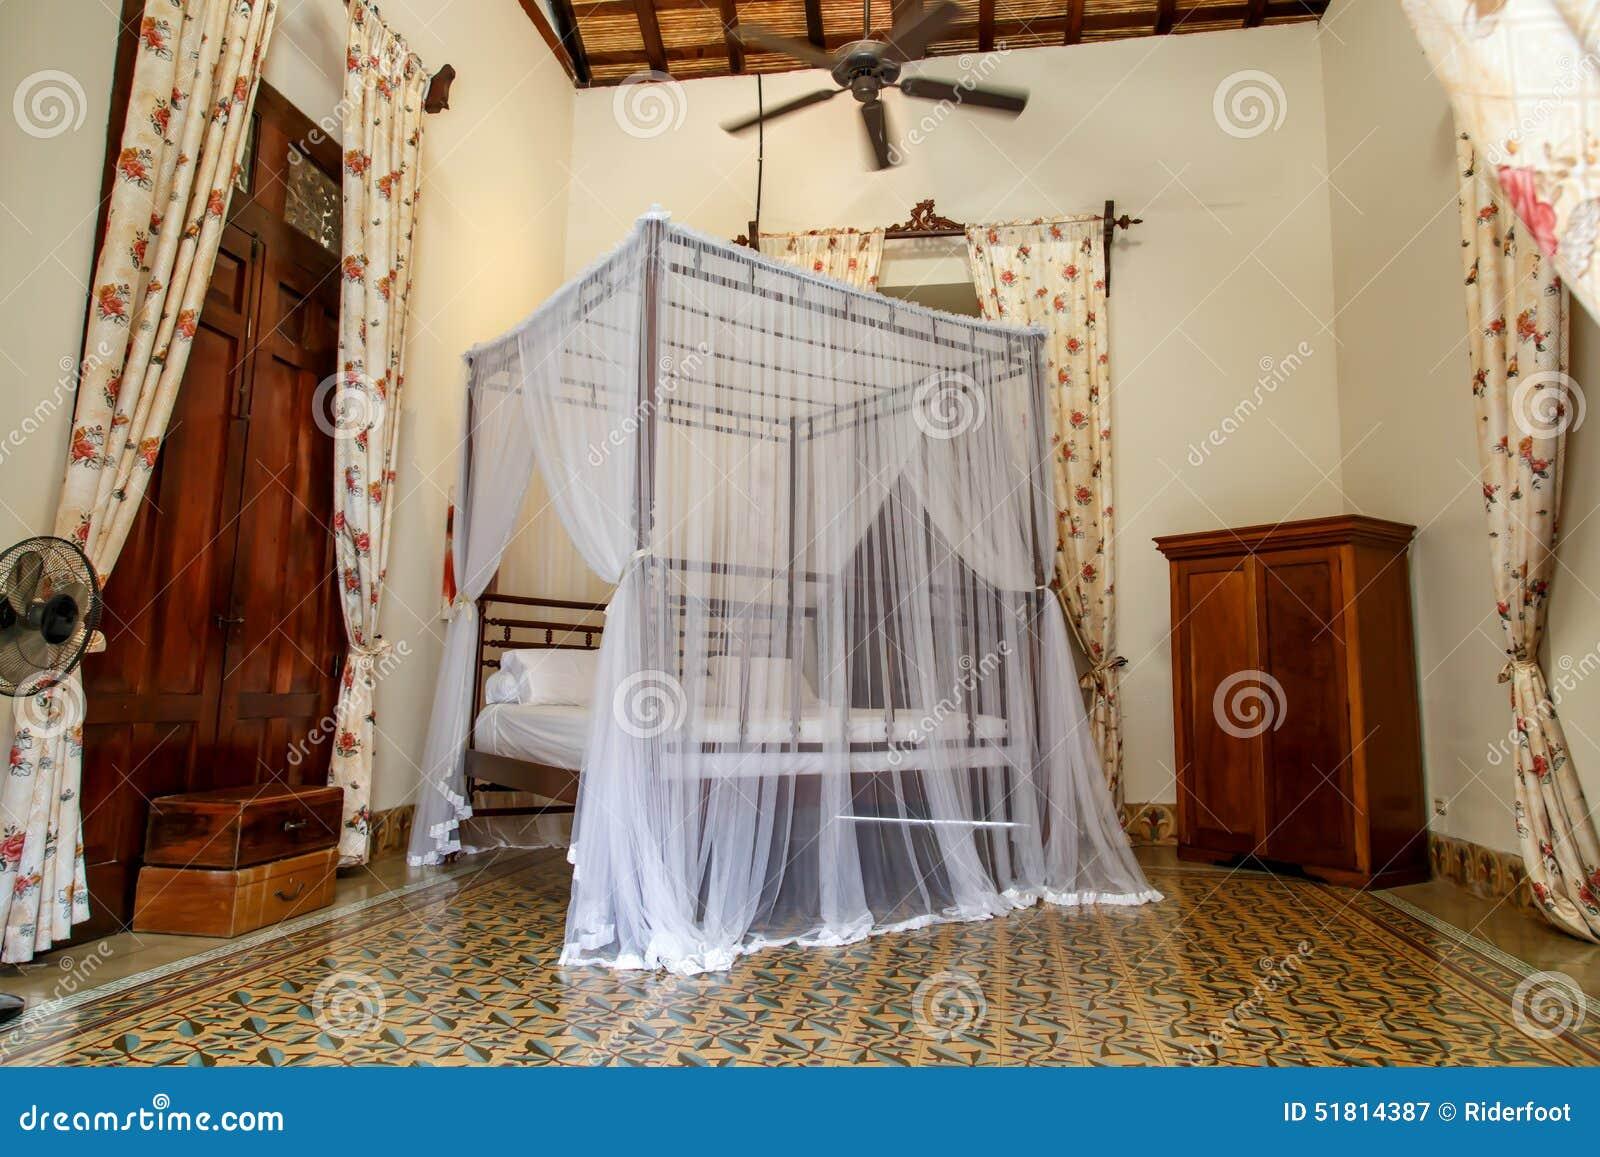 Letto con zanzariera in una stanza immagine stock - Zanzariera da letto ...